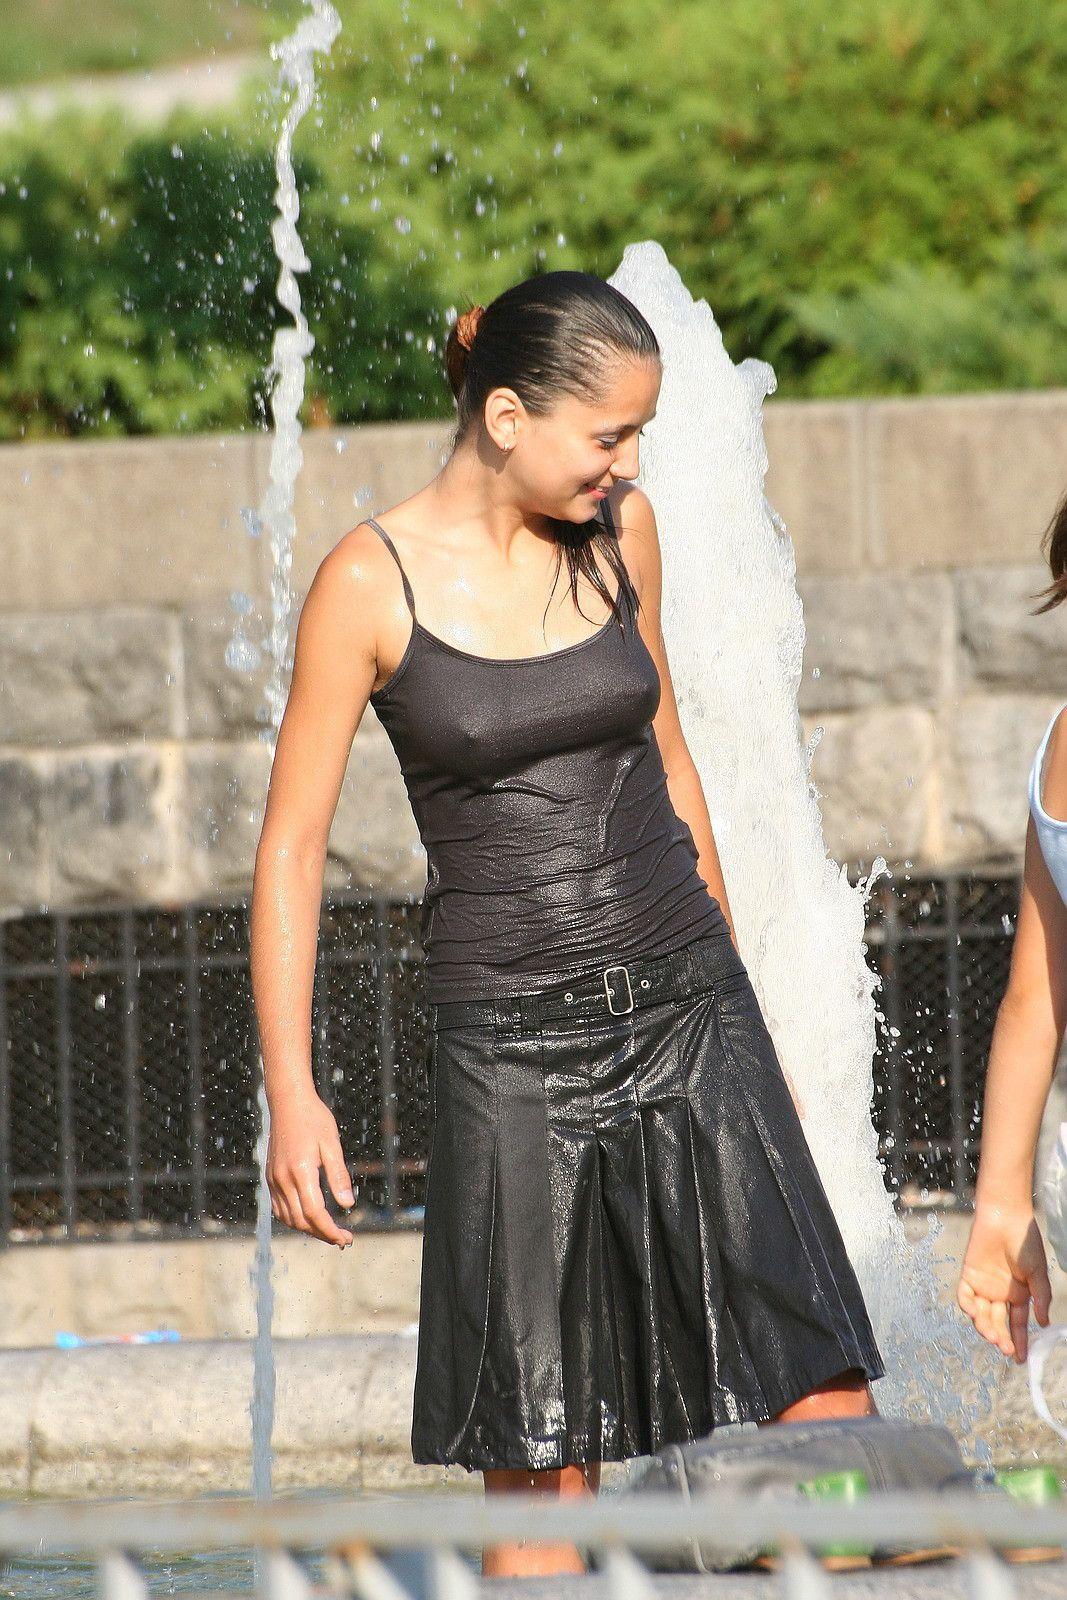 【海外エロ画像】ノーブラが基本なので…外人さんの見えても平気な濡れ透け乳首www 19